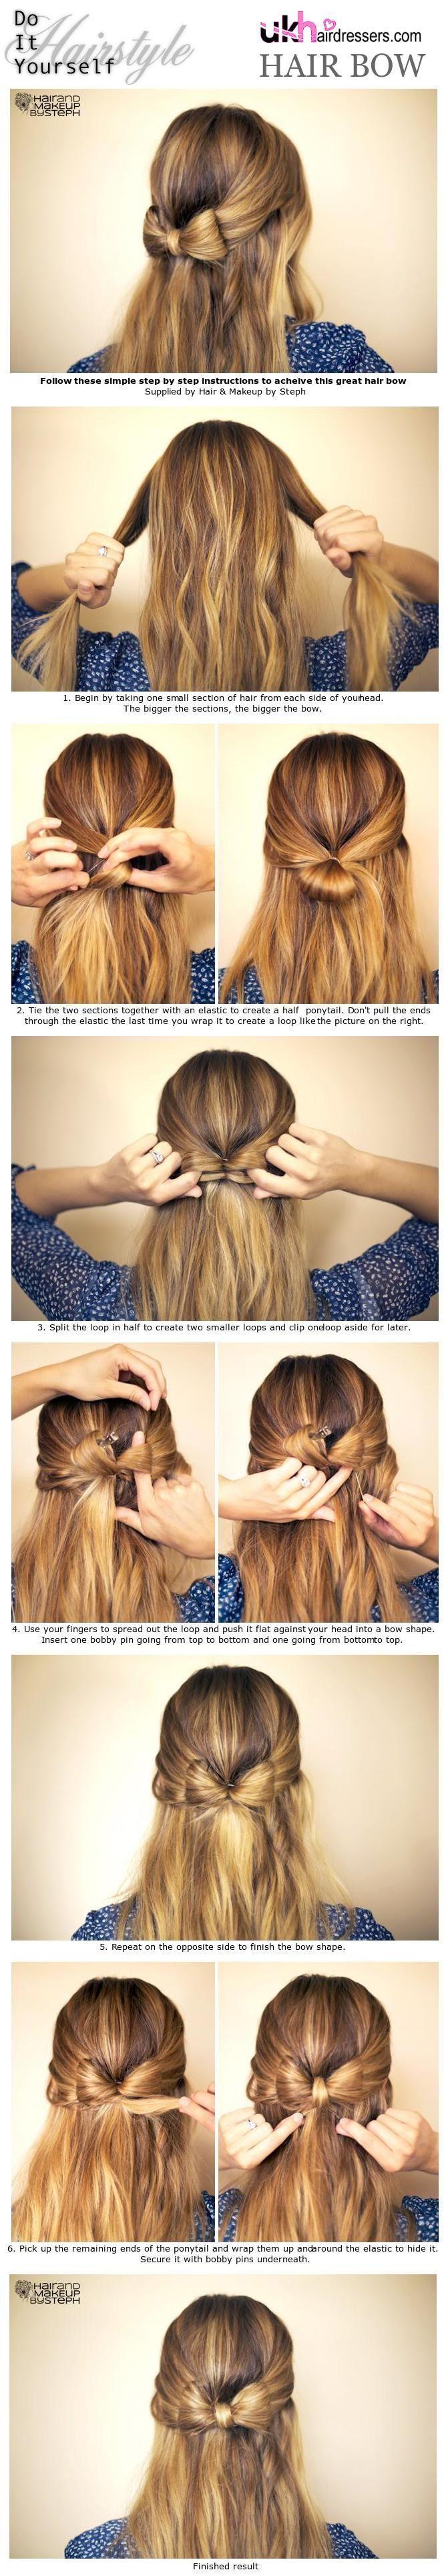 15 süße 5-Minuten-Frisuren für die Schule #hairbows